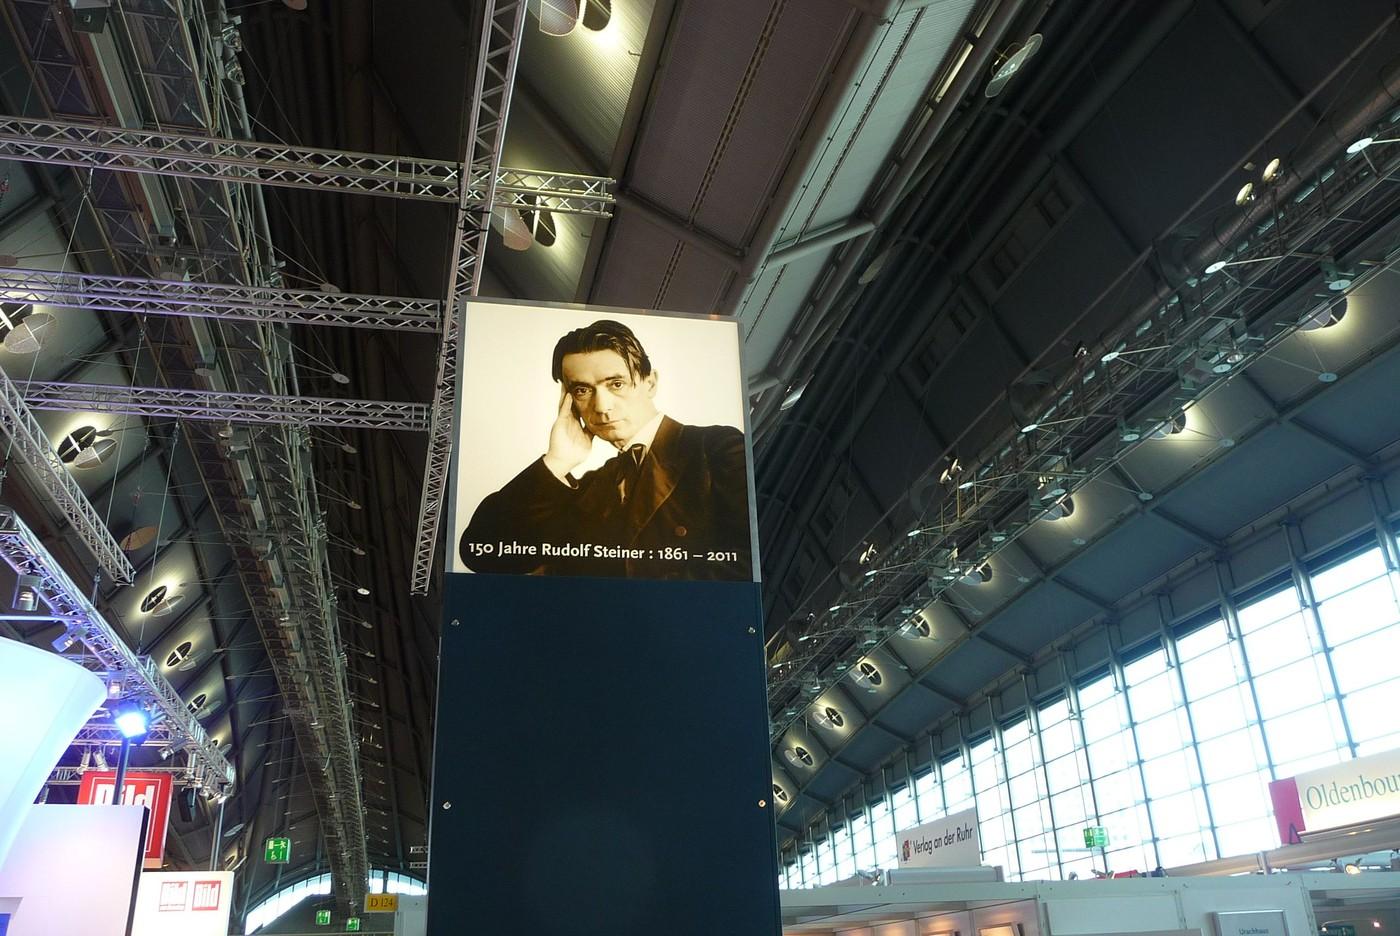 Jeden z plakátů ke kulatému výročí Rudolfa Steinera